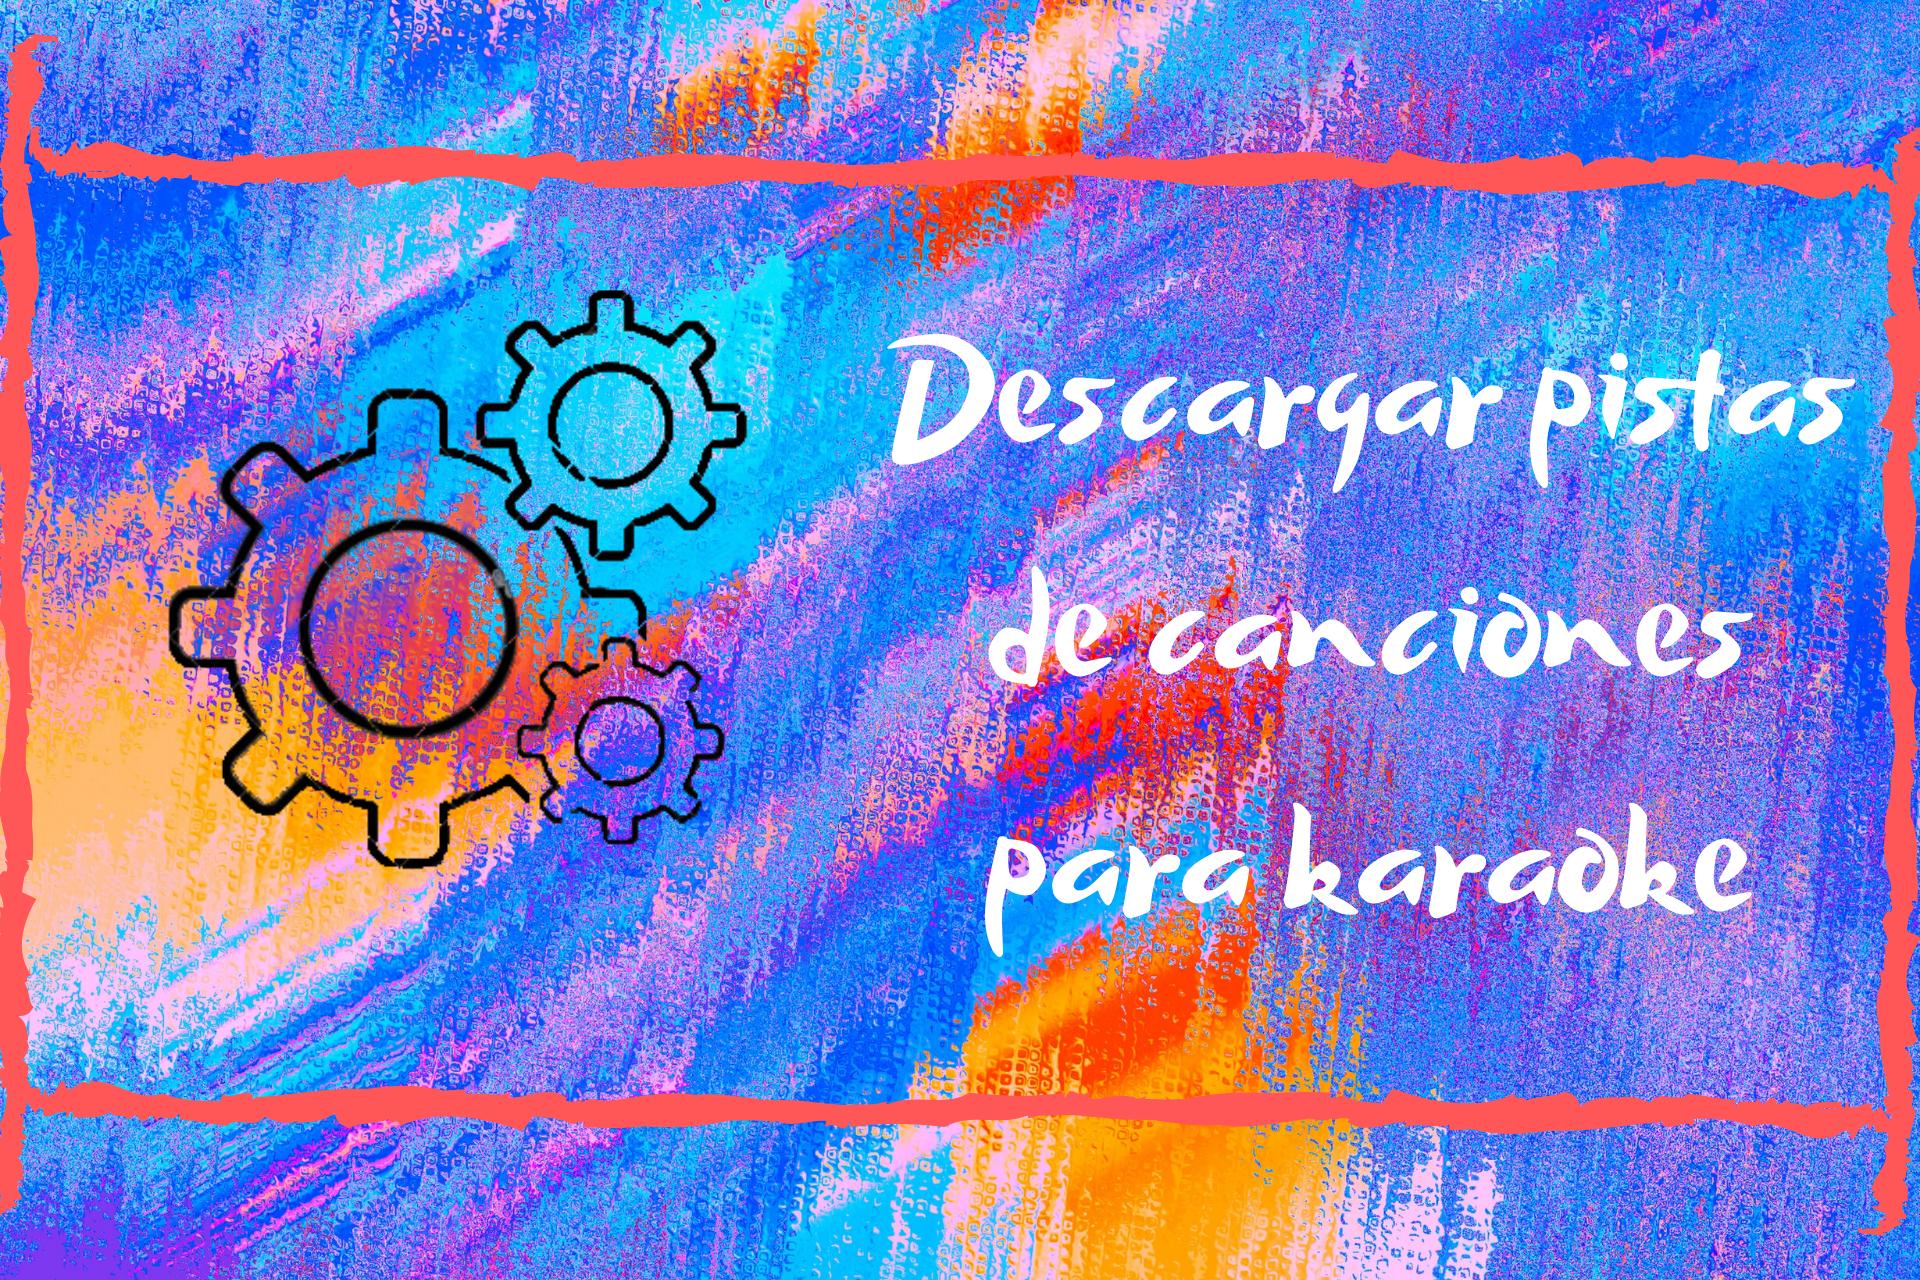 Descargar Pistas De Canciones Para Karaoke Gratis En Español Bajar